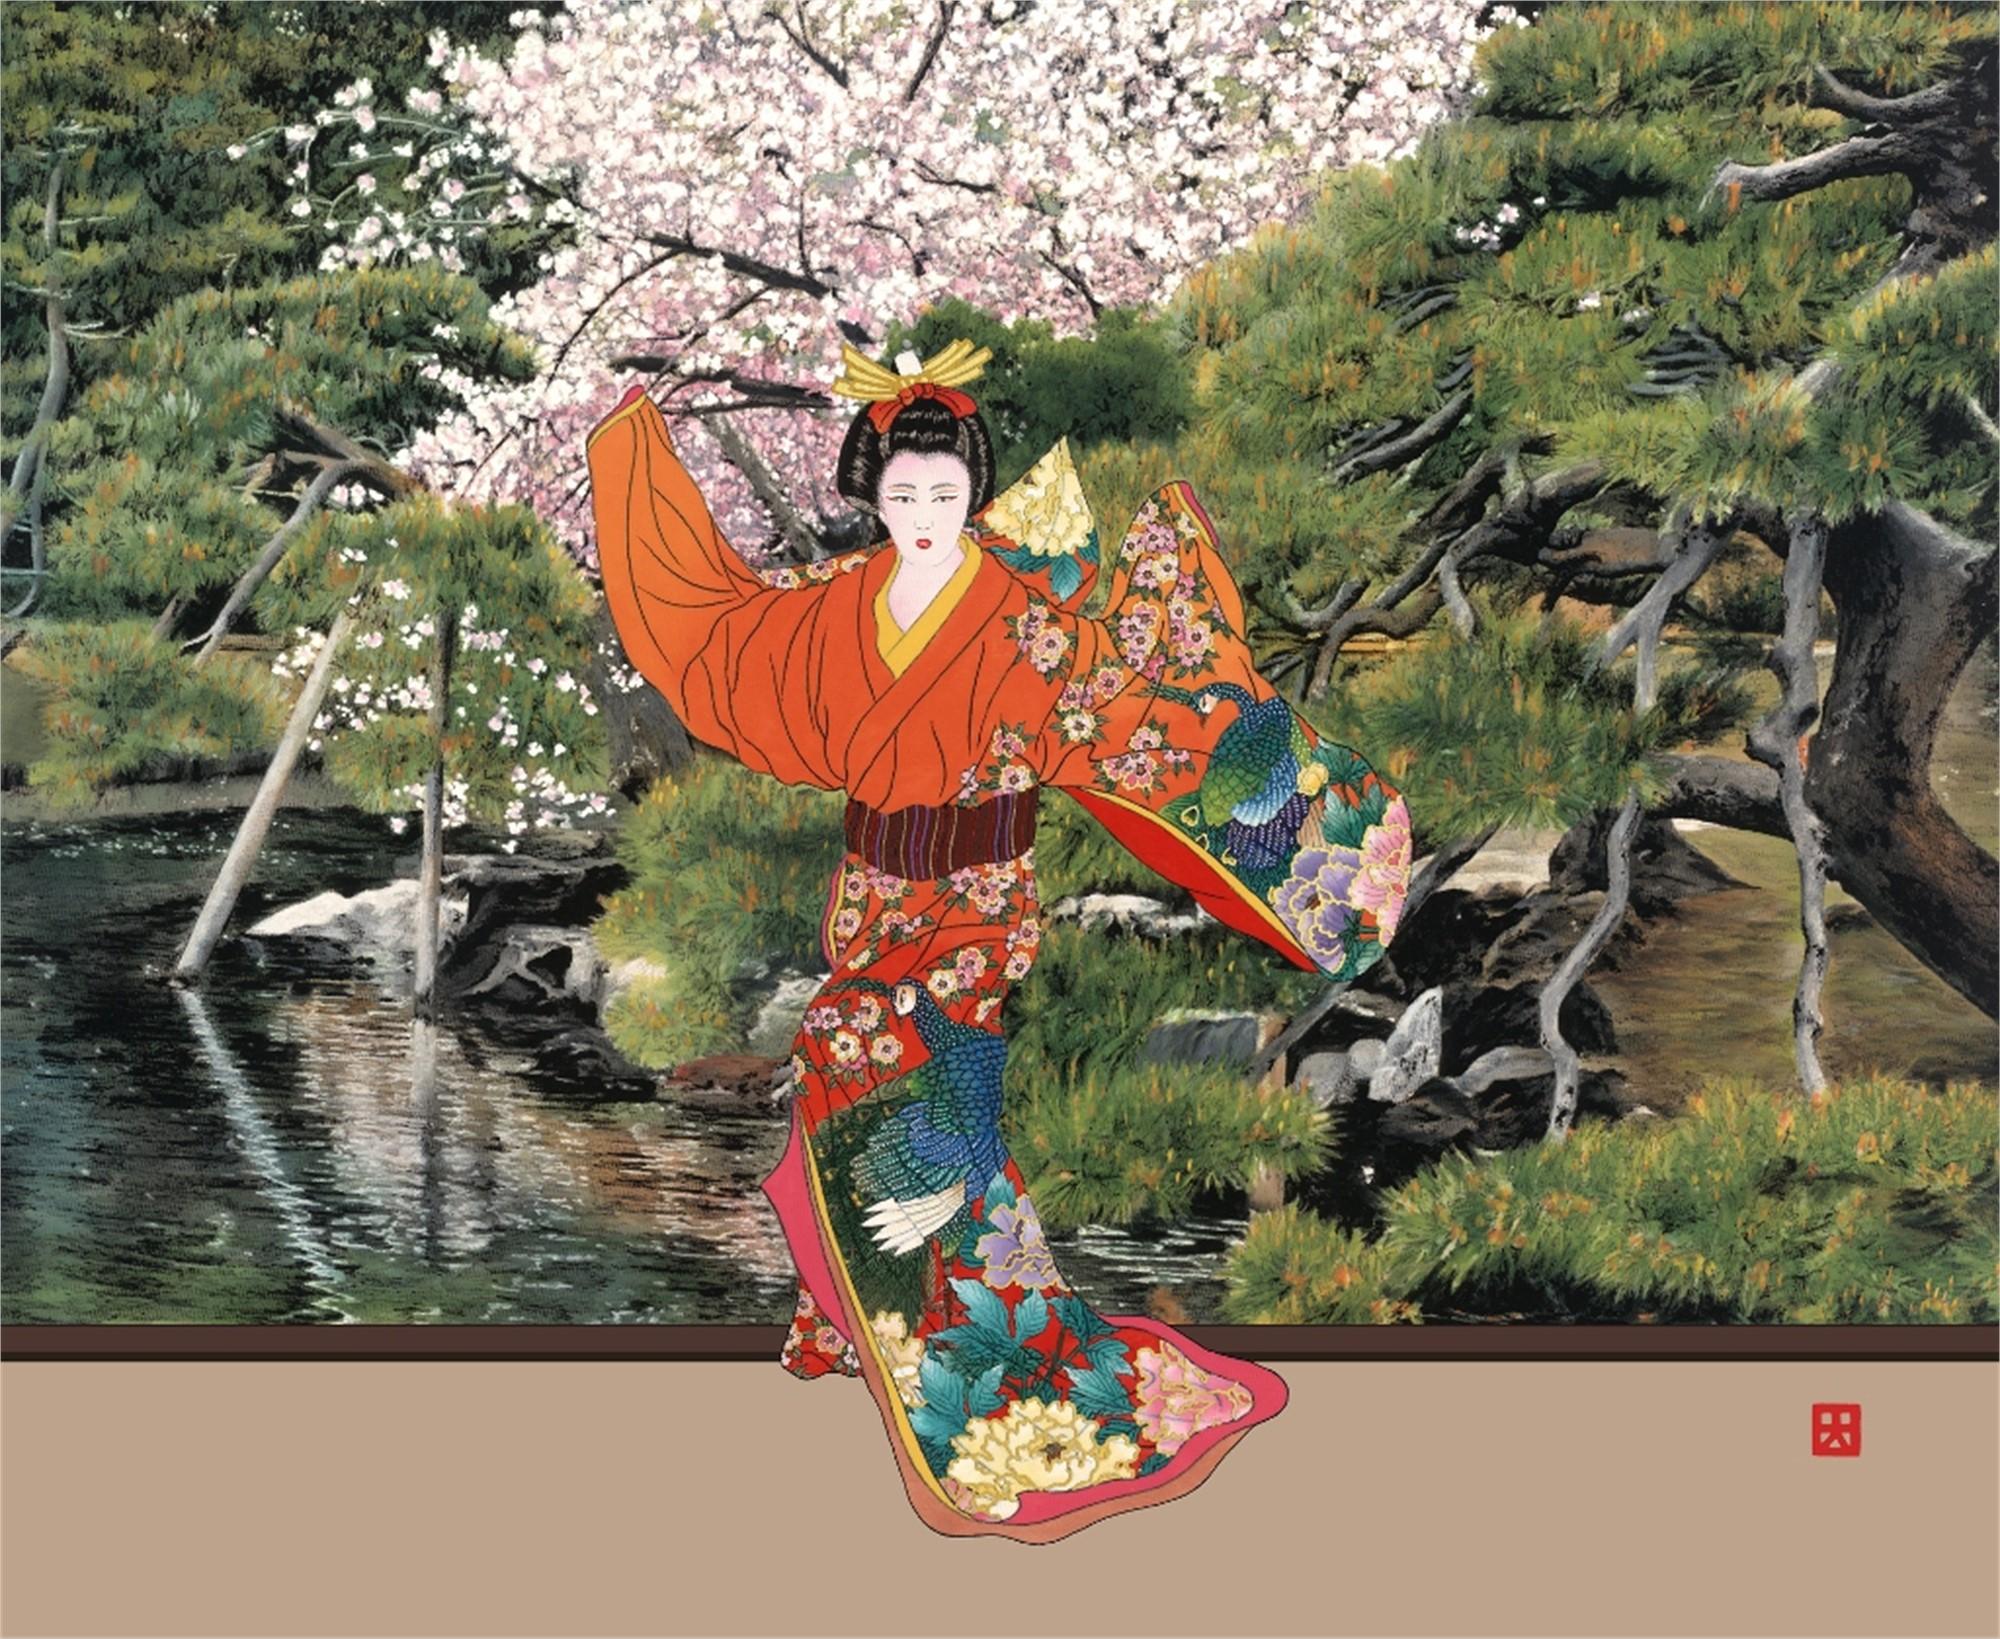 Hama Rikyu Garden (Lady Mieko, Garden Suite) by Hisashi Otsuka